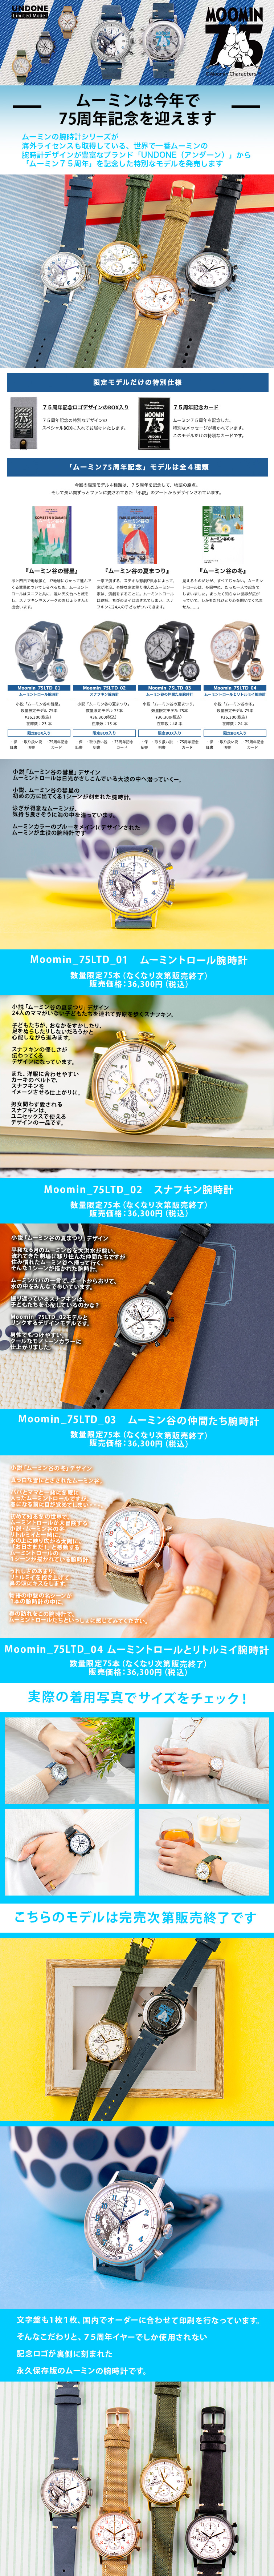 UNDONE ムーミン75周年記念モデル 腕時計